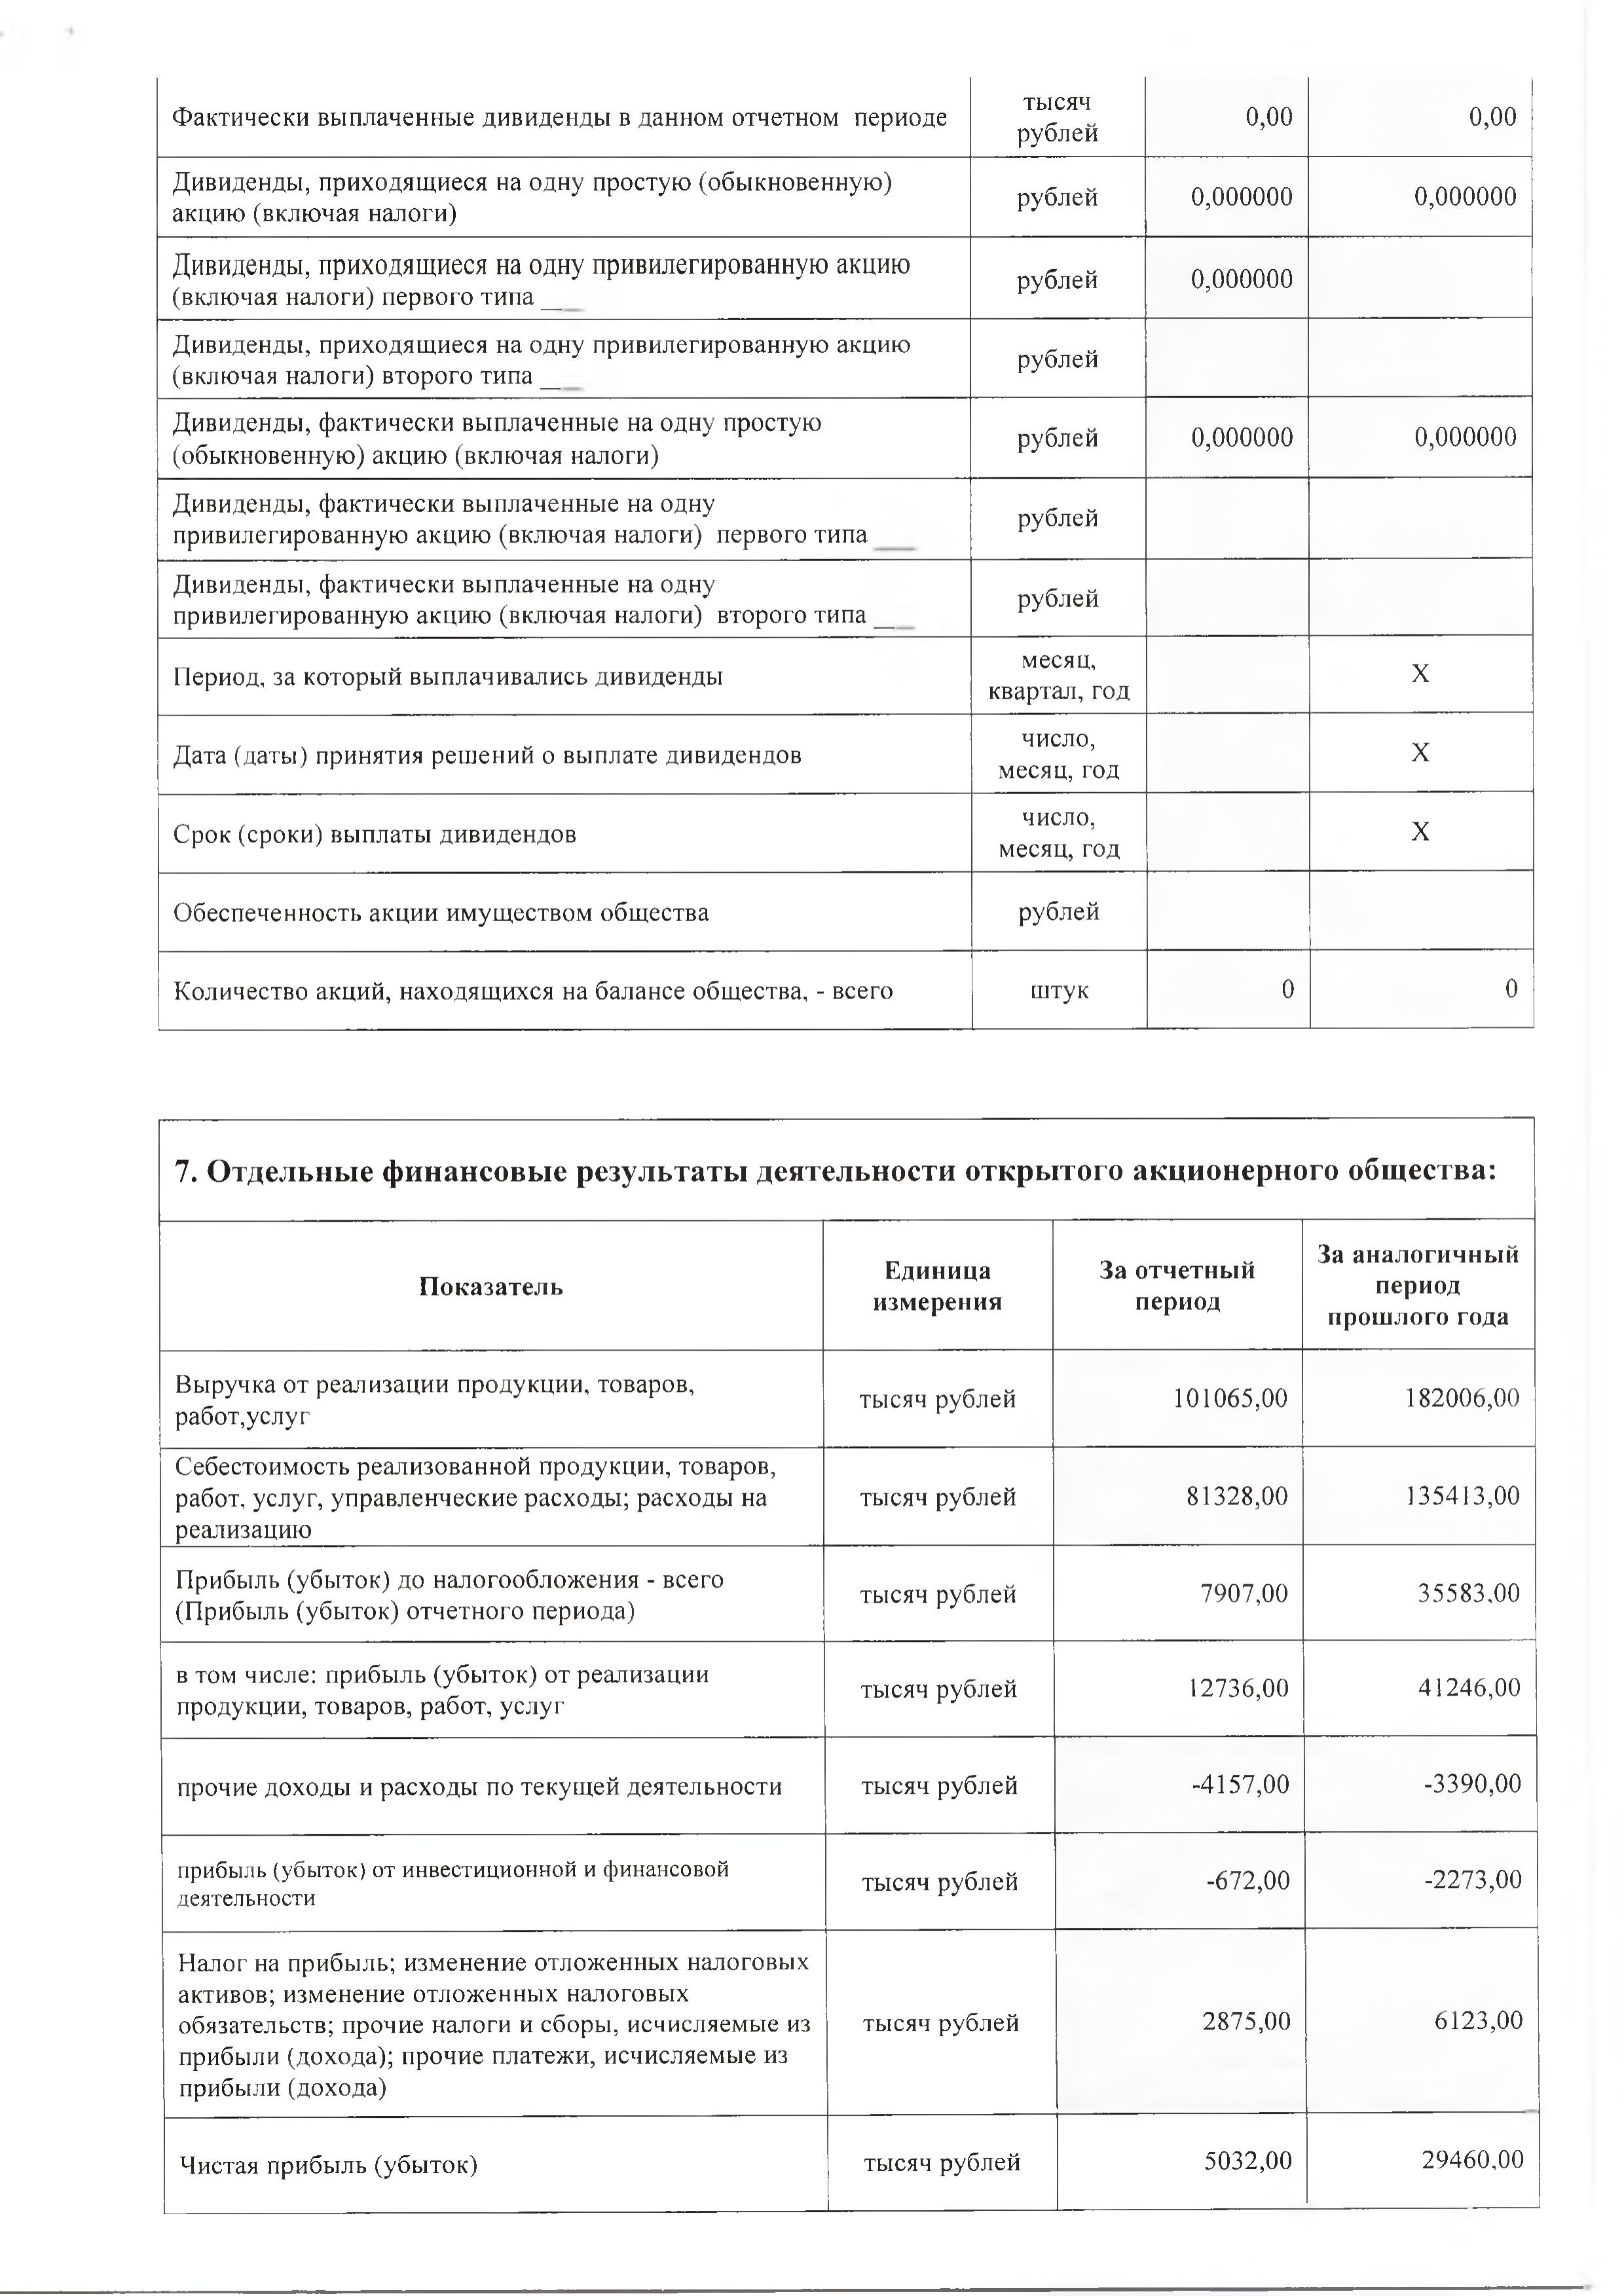 Годовой отчет ОАО Белтрубопроводстрой за 2021_12